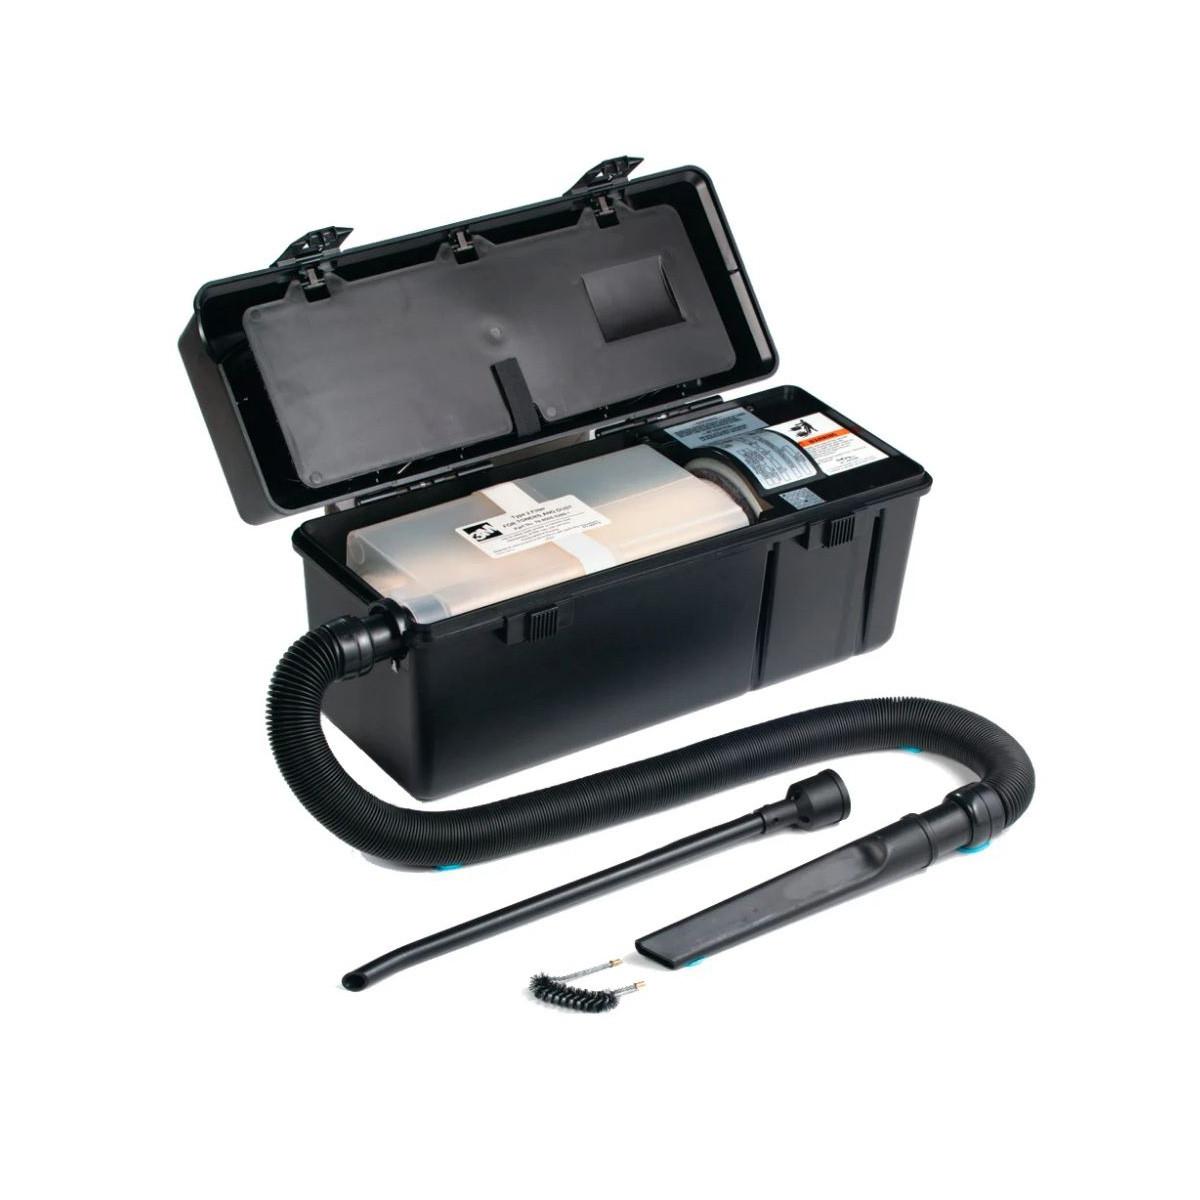 Aspirador de Pó Específico para Toner 220 Volts | SCS